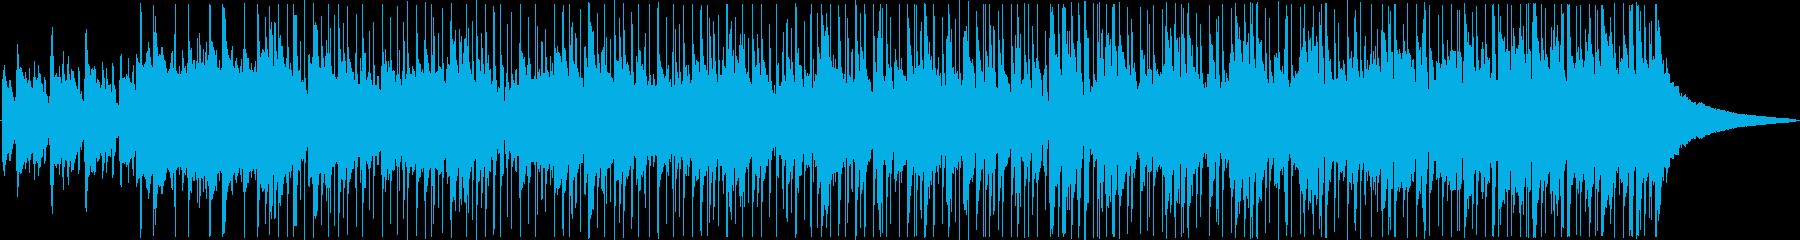 暖かな風を感じる軽快なミディアムバラードの再生済みの波形